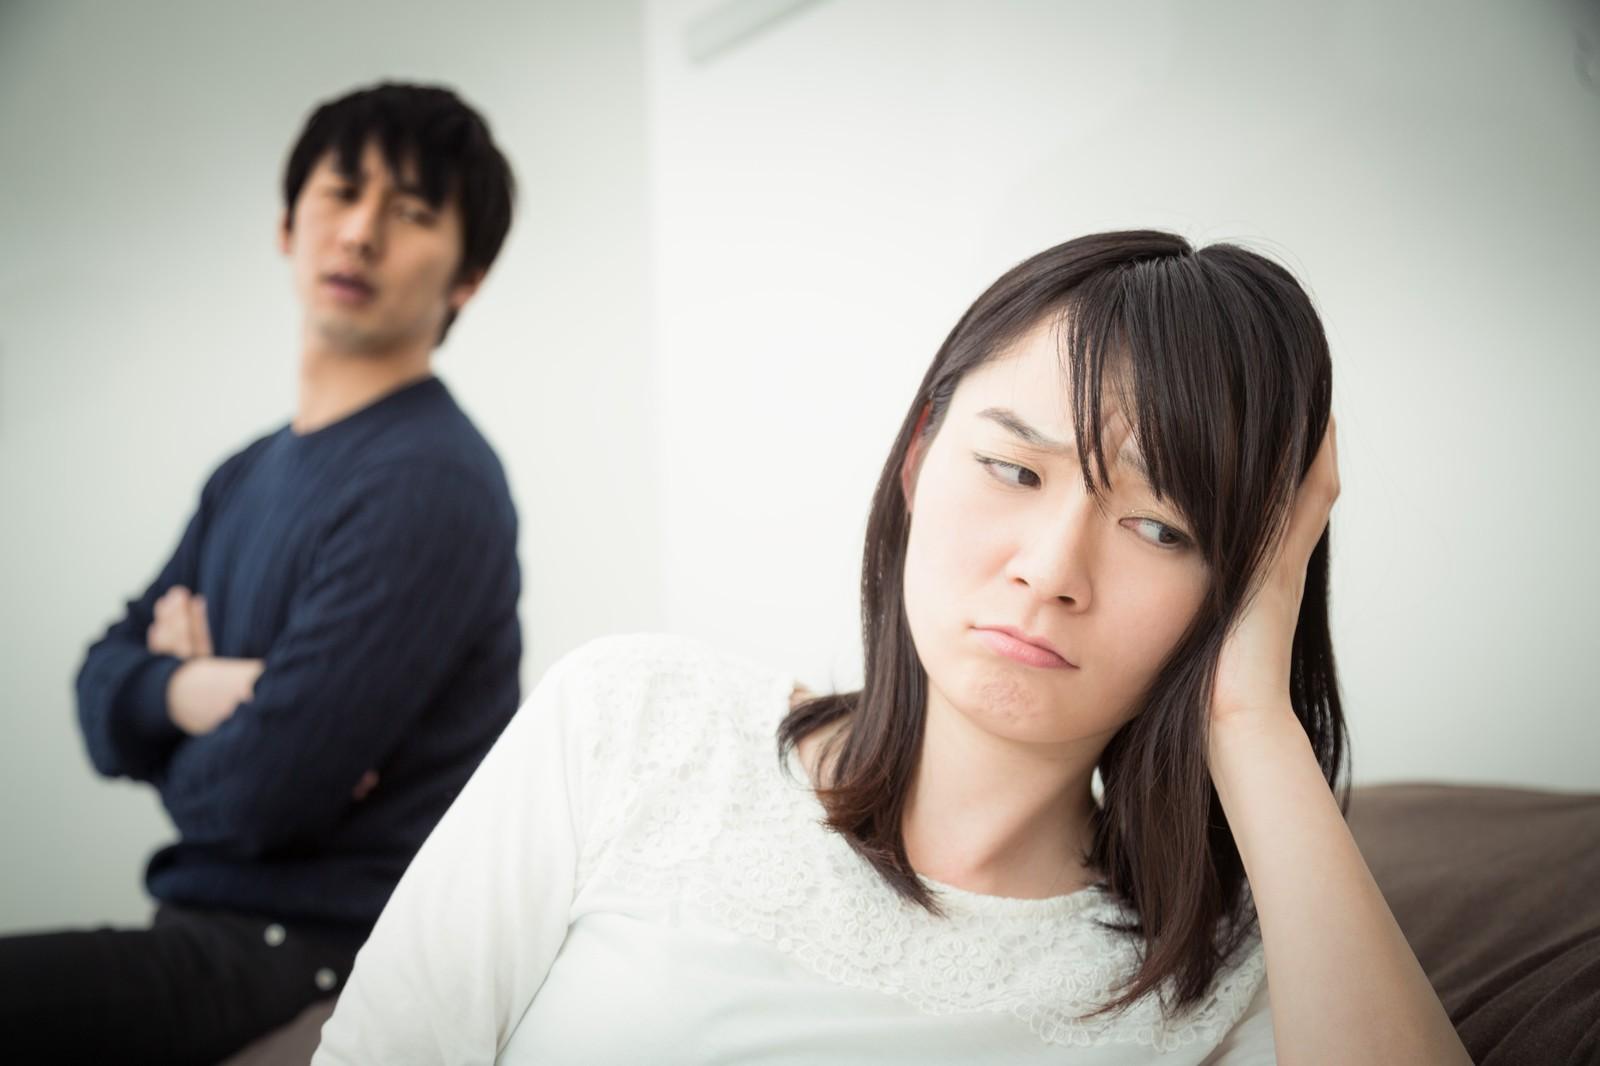 旦那の家事が雑すぎる…妻が抱える悩みと上手に伝える対処法